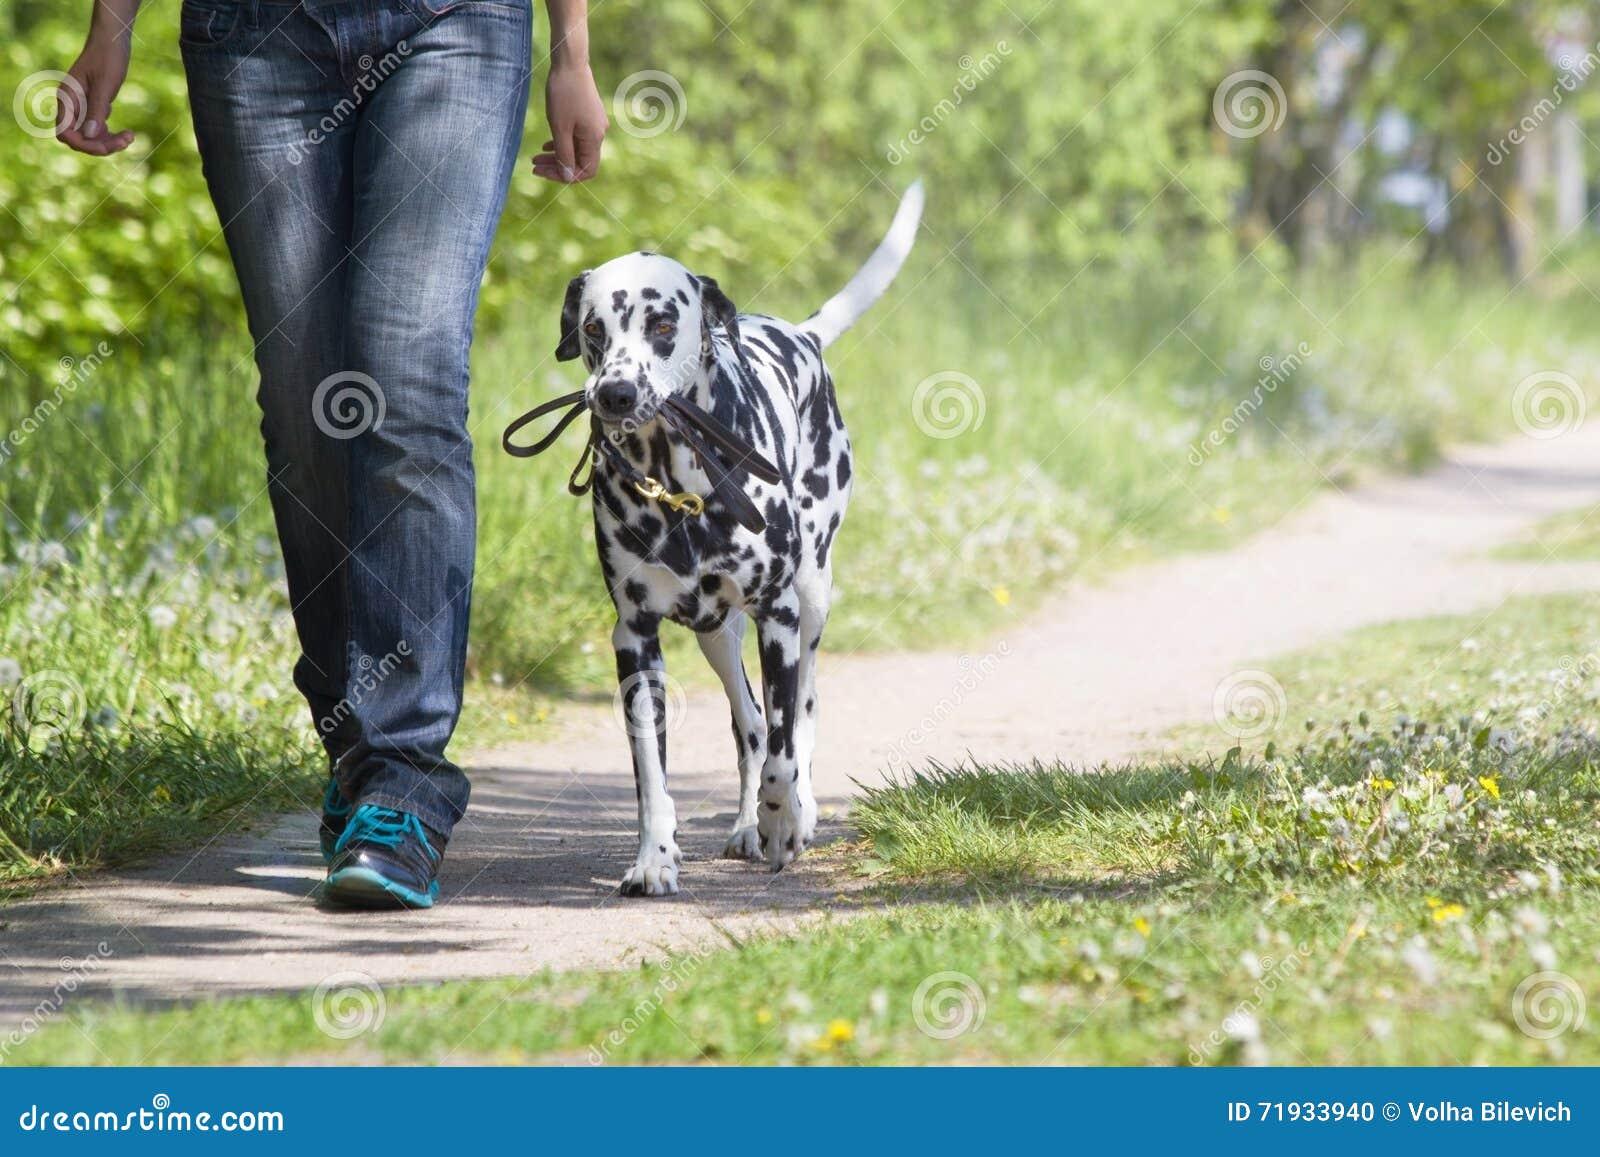 Σκυλί που περπατά με τον ιδιοκτήτη